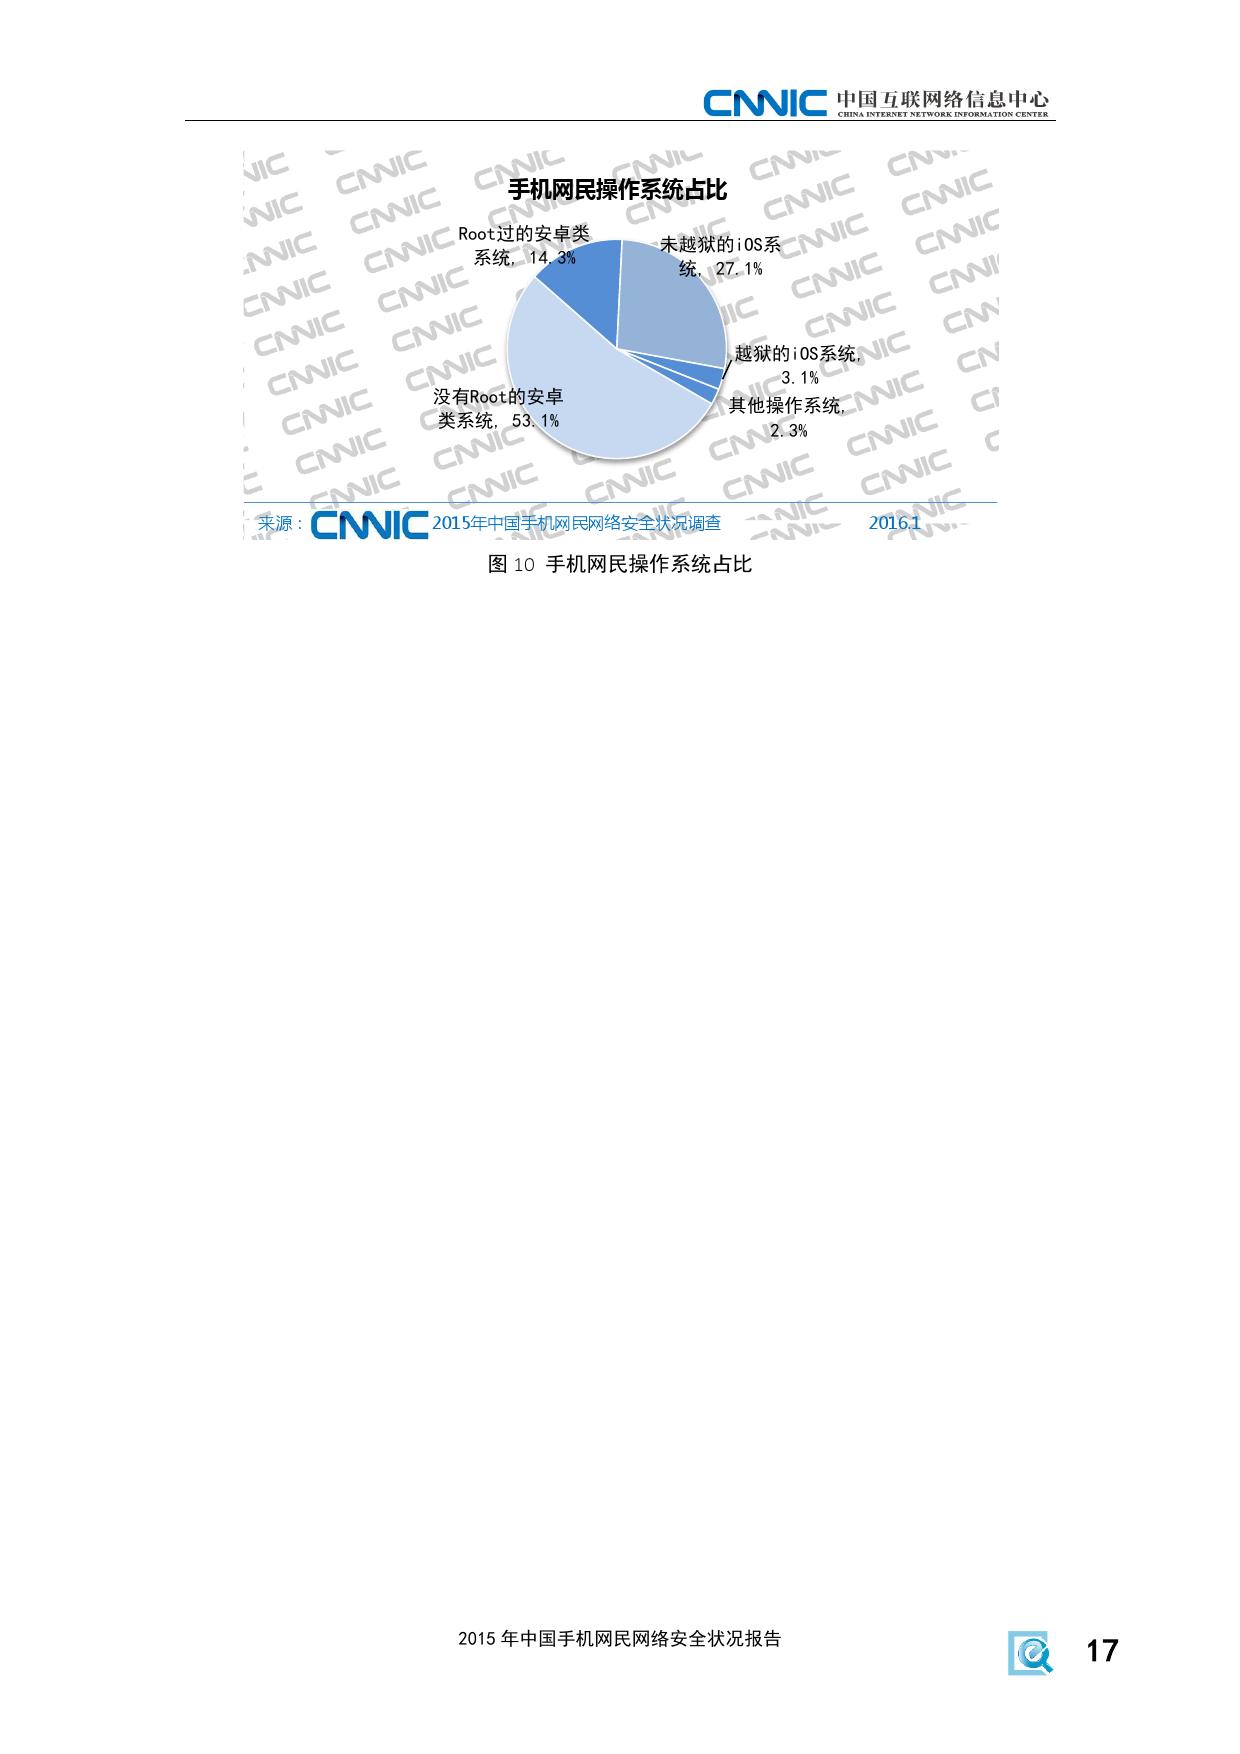 2015年中国手机网民网络安全状况报告_000023